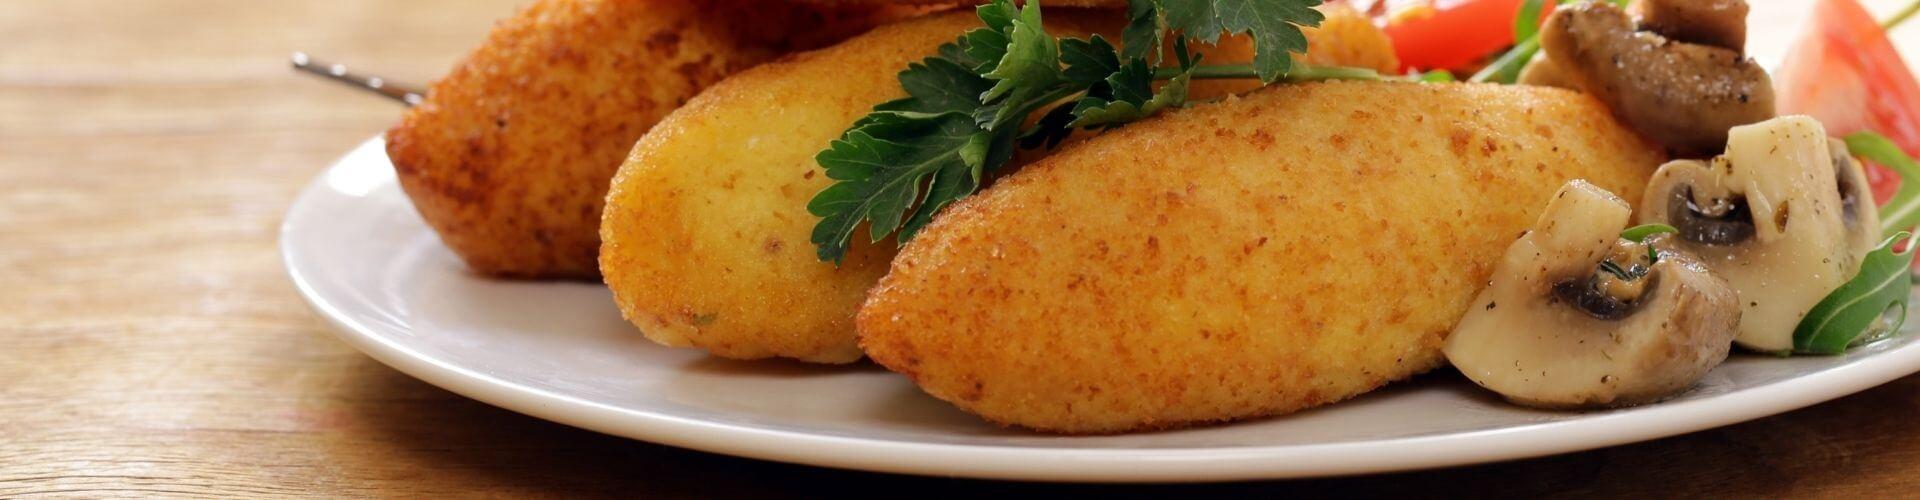 Patates Flake ve Unları